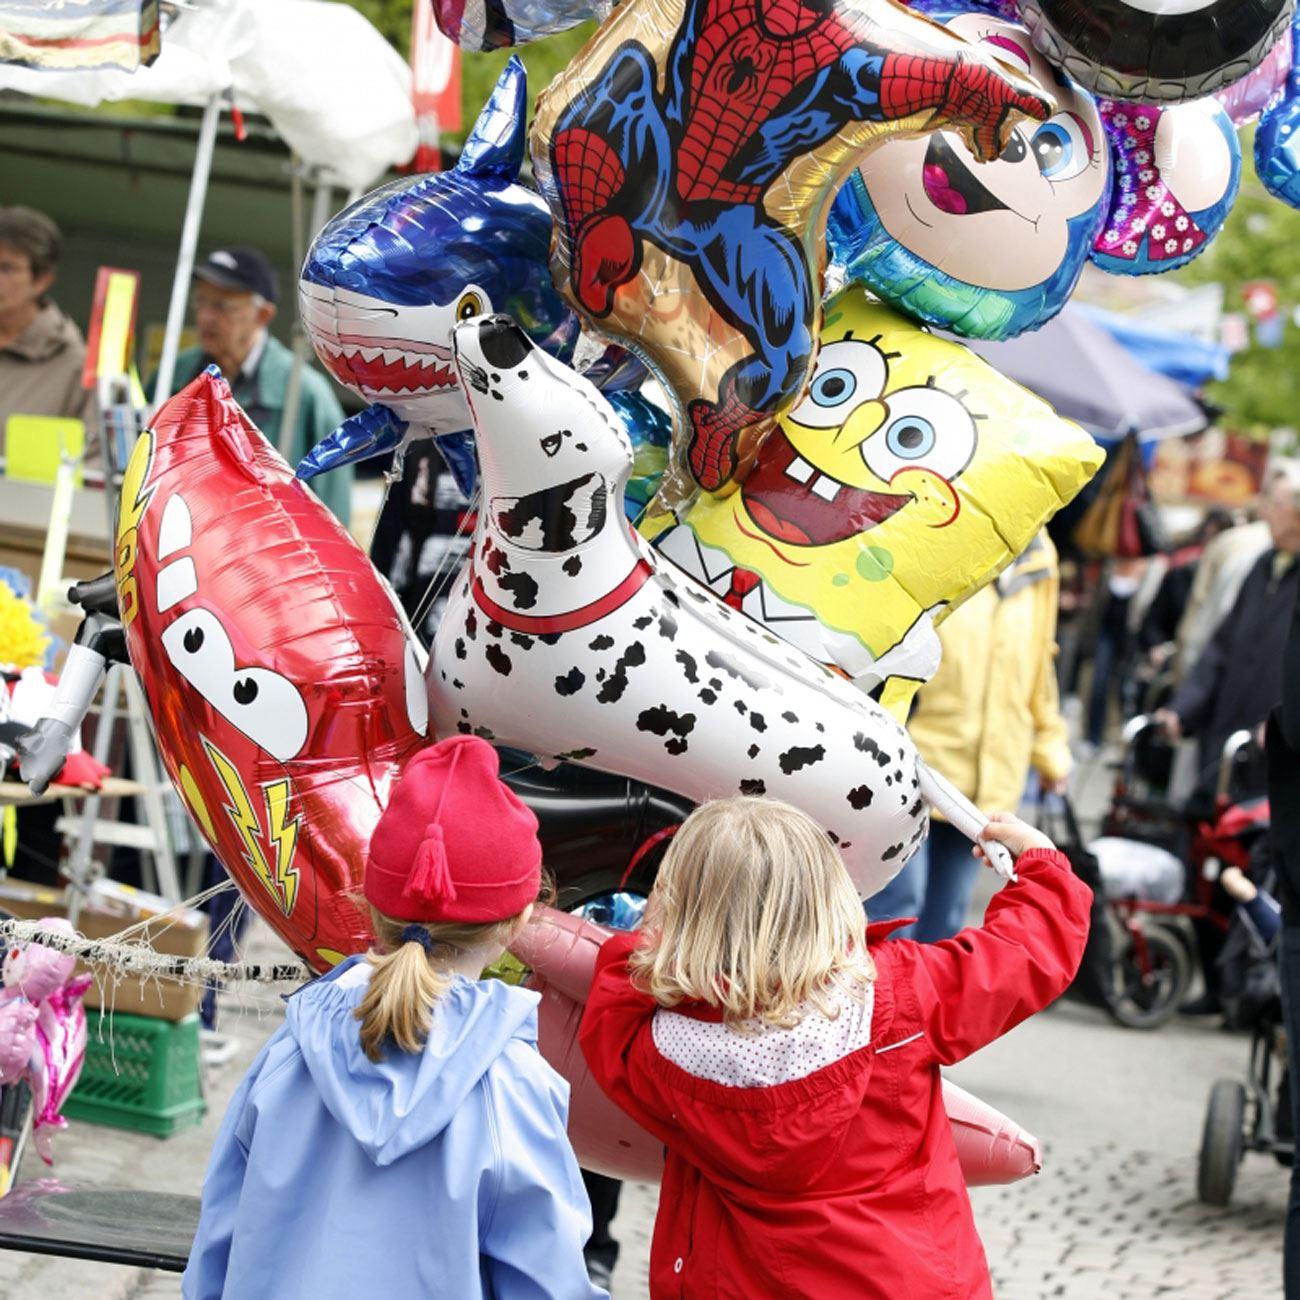 Foto: Smålandsbilder.se, Slåttalördag marknad